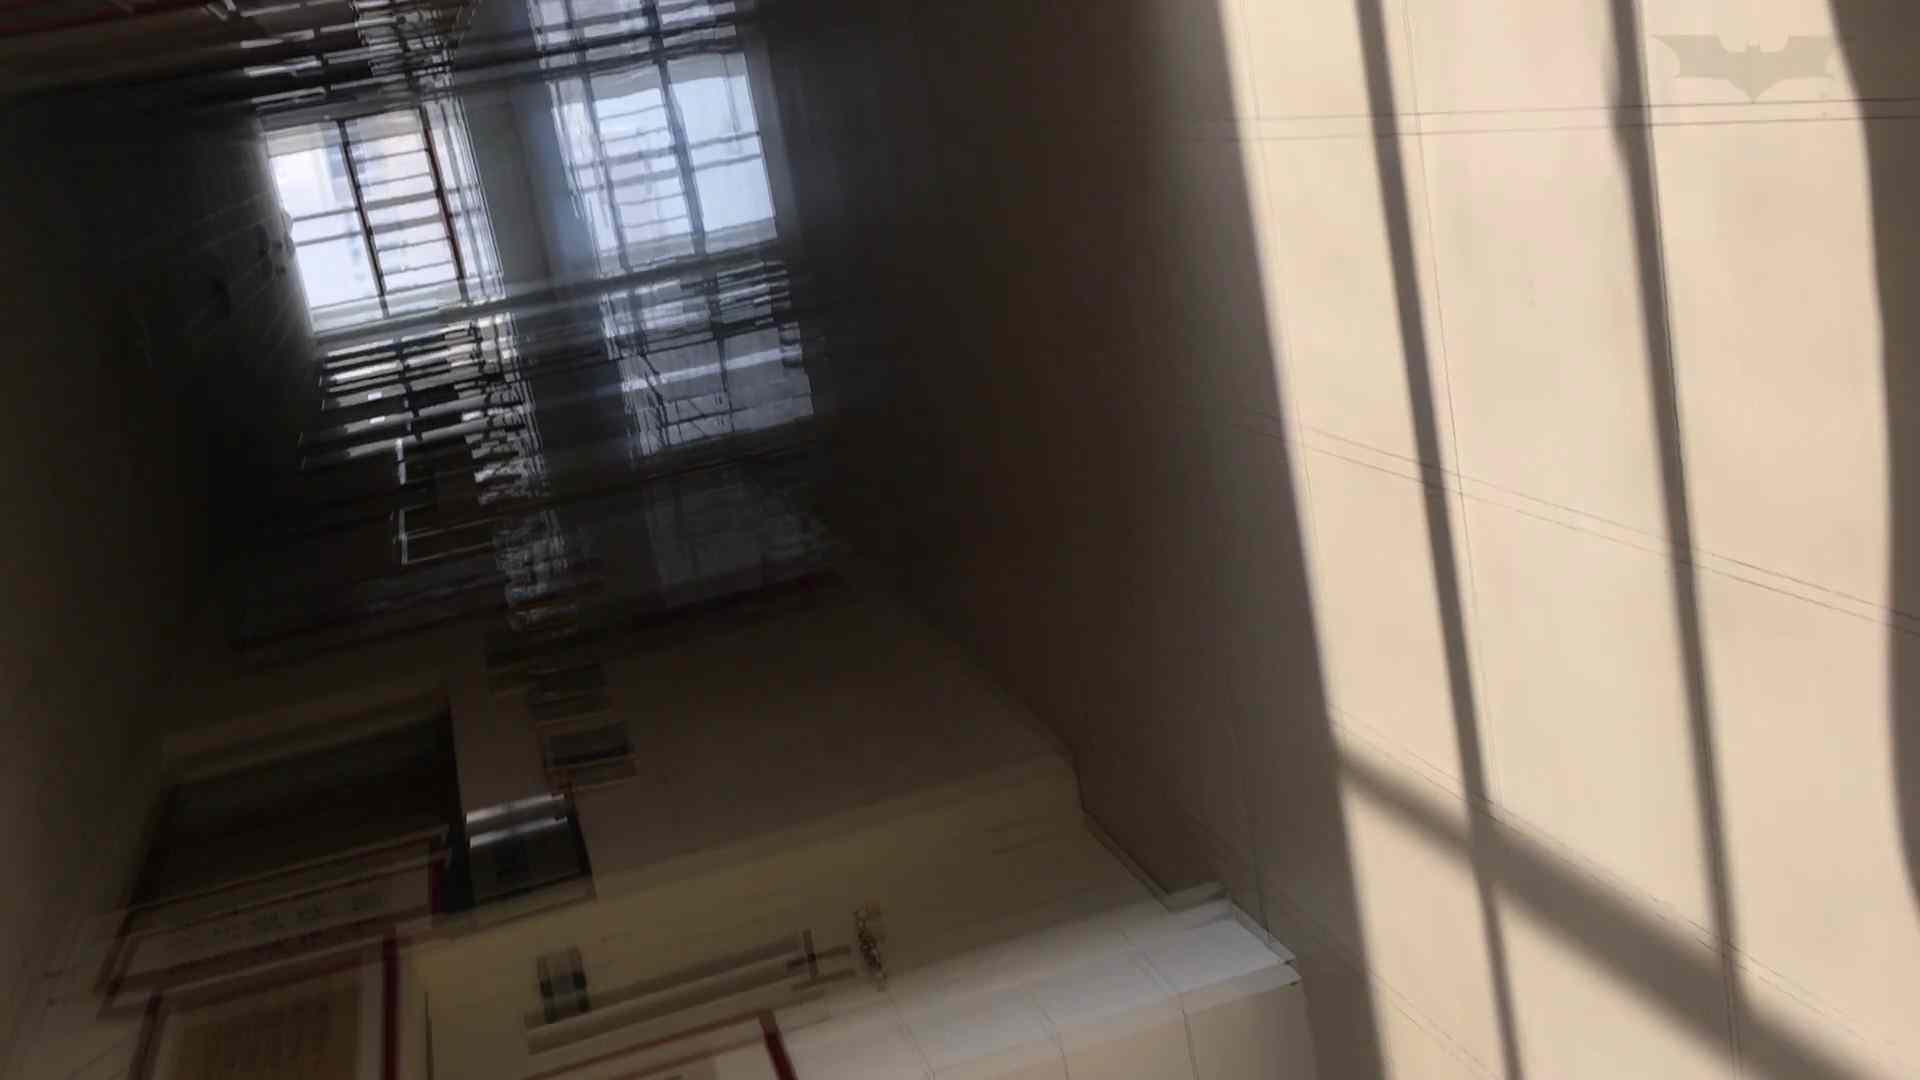 芸術大学ガチ潜入盗撮 JD盗撮 美女の洗面所の秘密 Vol.91 0  54連発 14